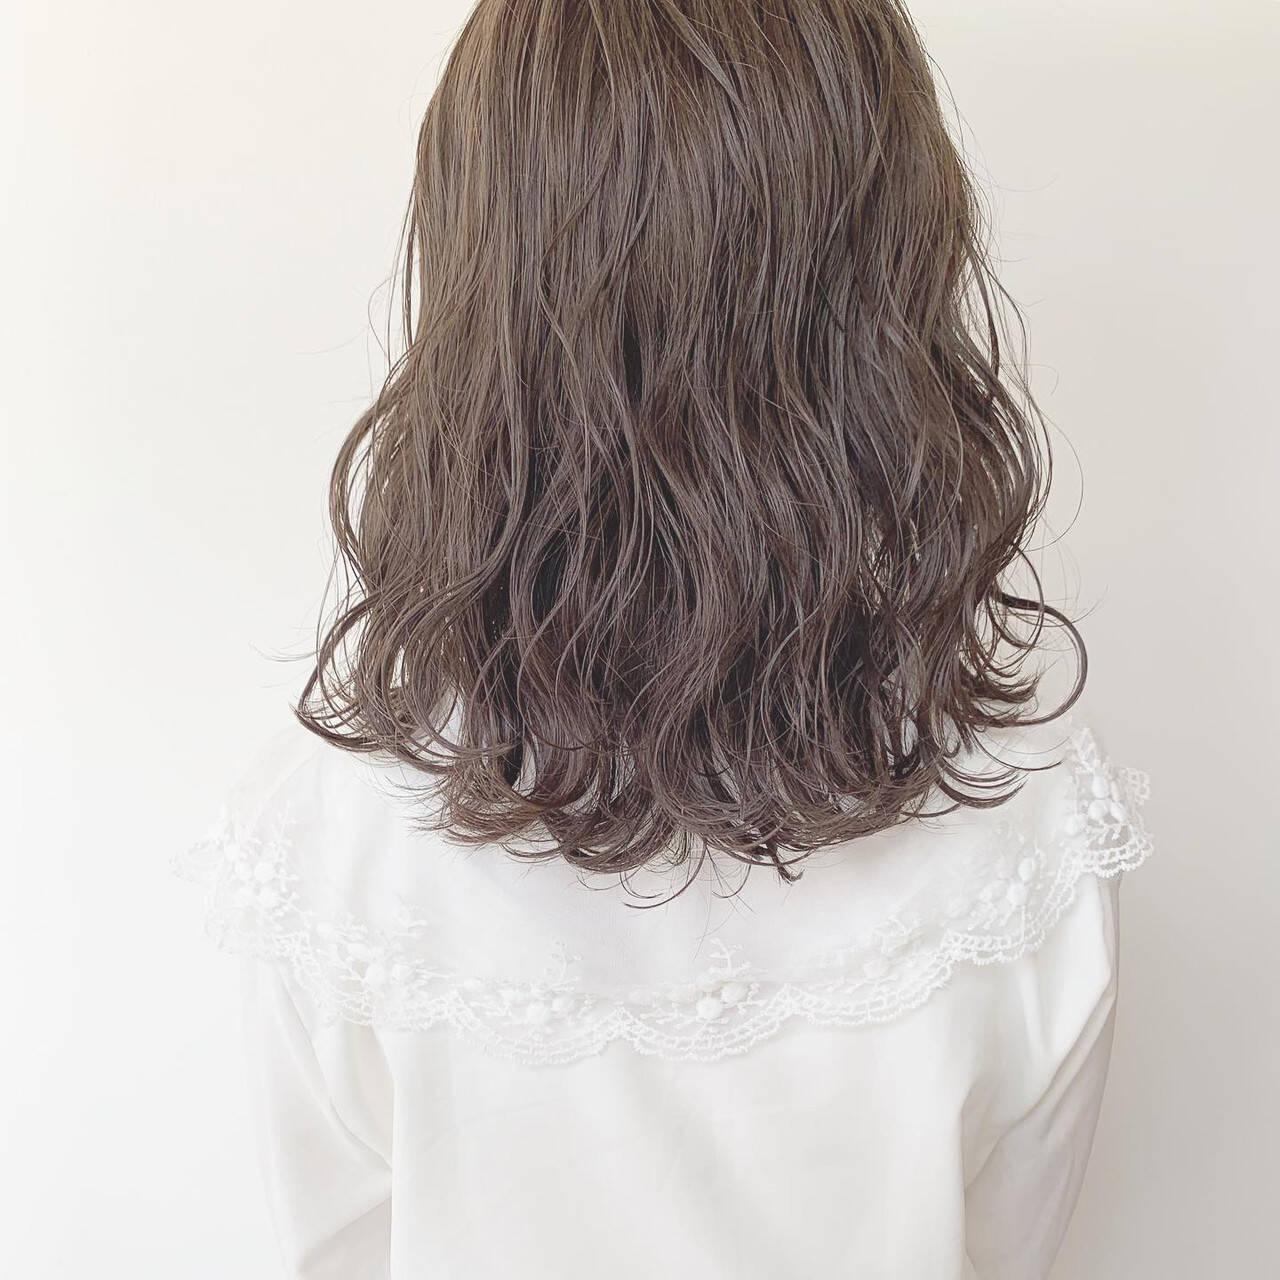 パーマ 透明感カラー ミディアム グレージュヘアスタイルや髪型の写真・画像